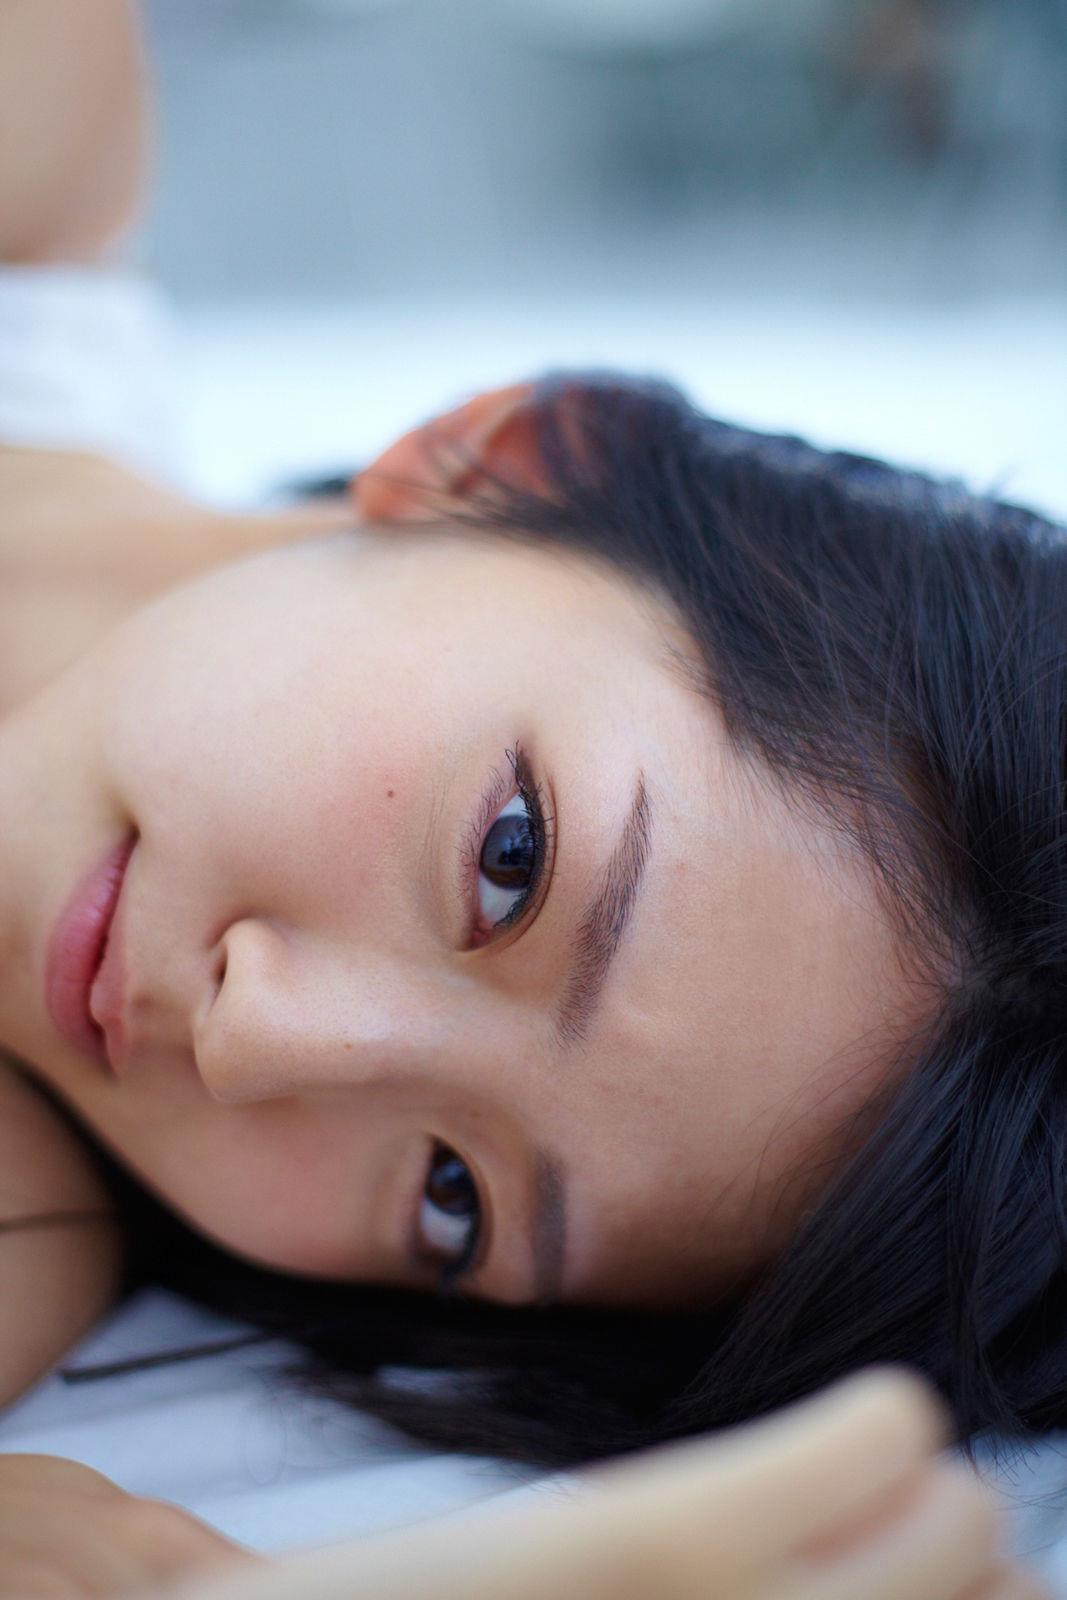 鈴木愛理(℃-ute) セクシー画像 59